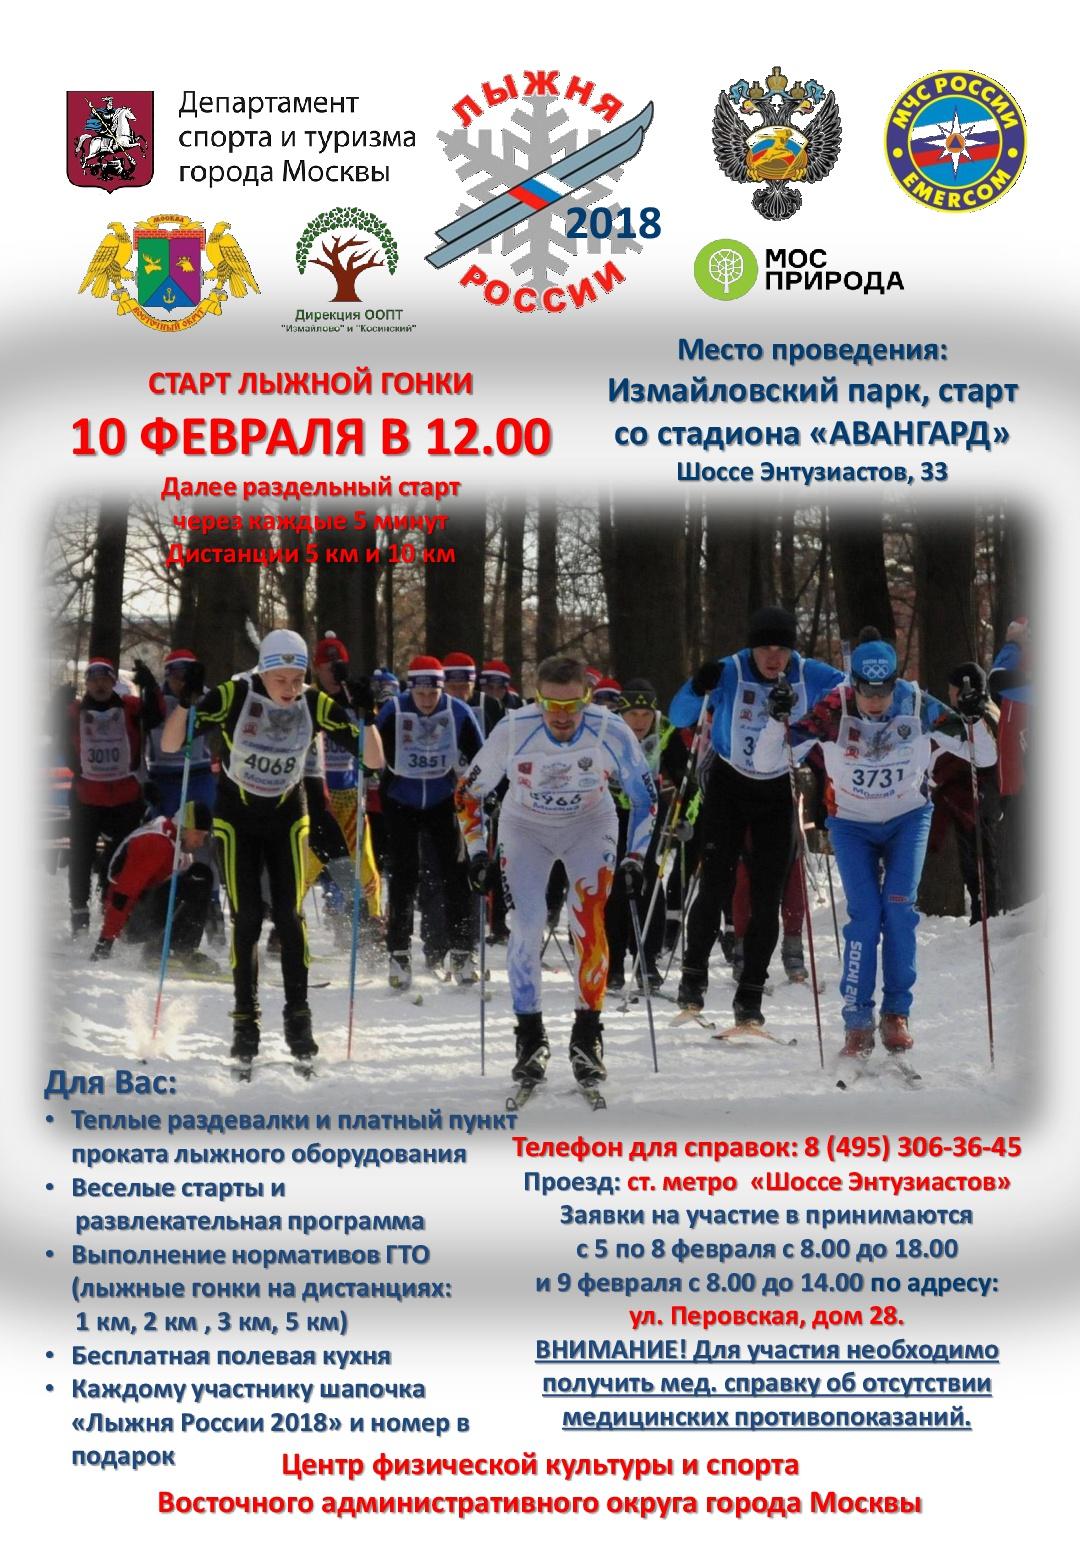 Афиша лр-2018-1-2-001